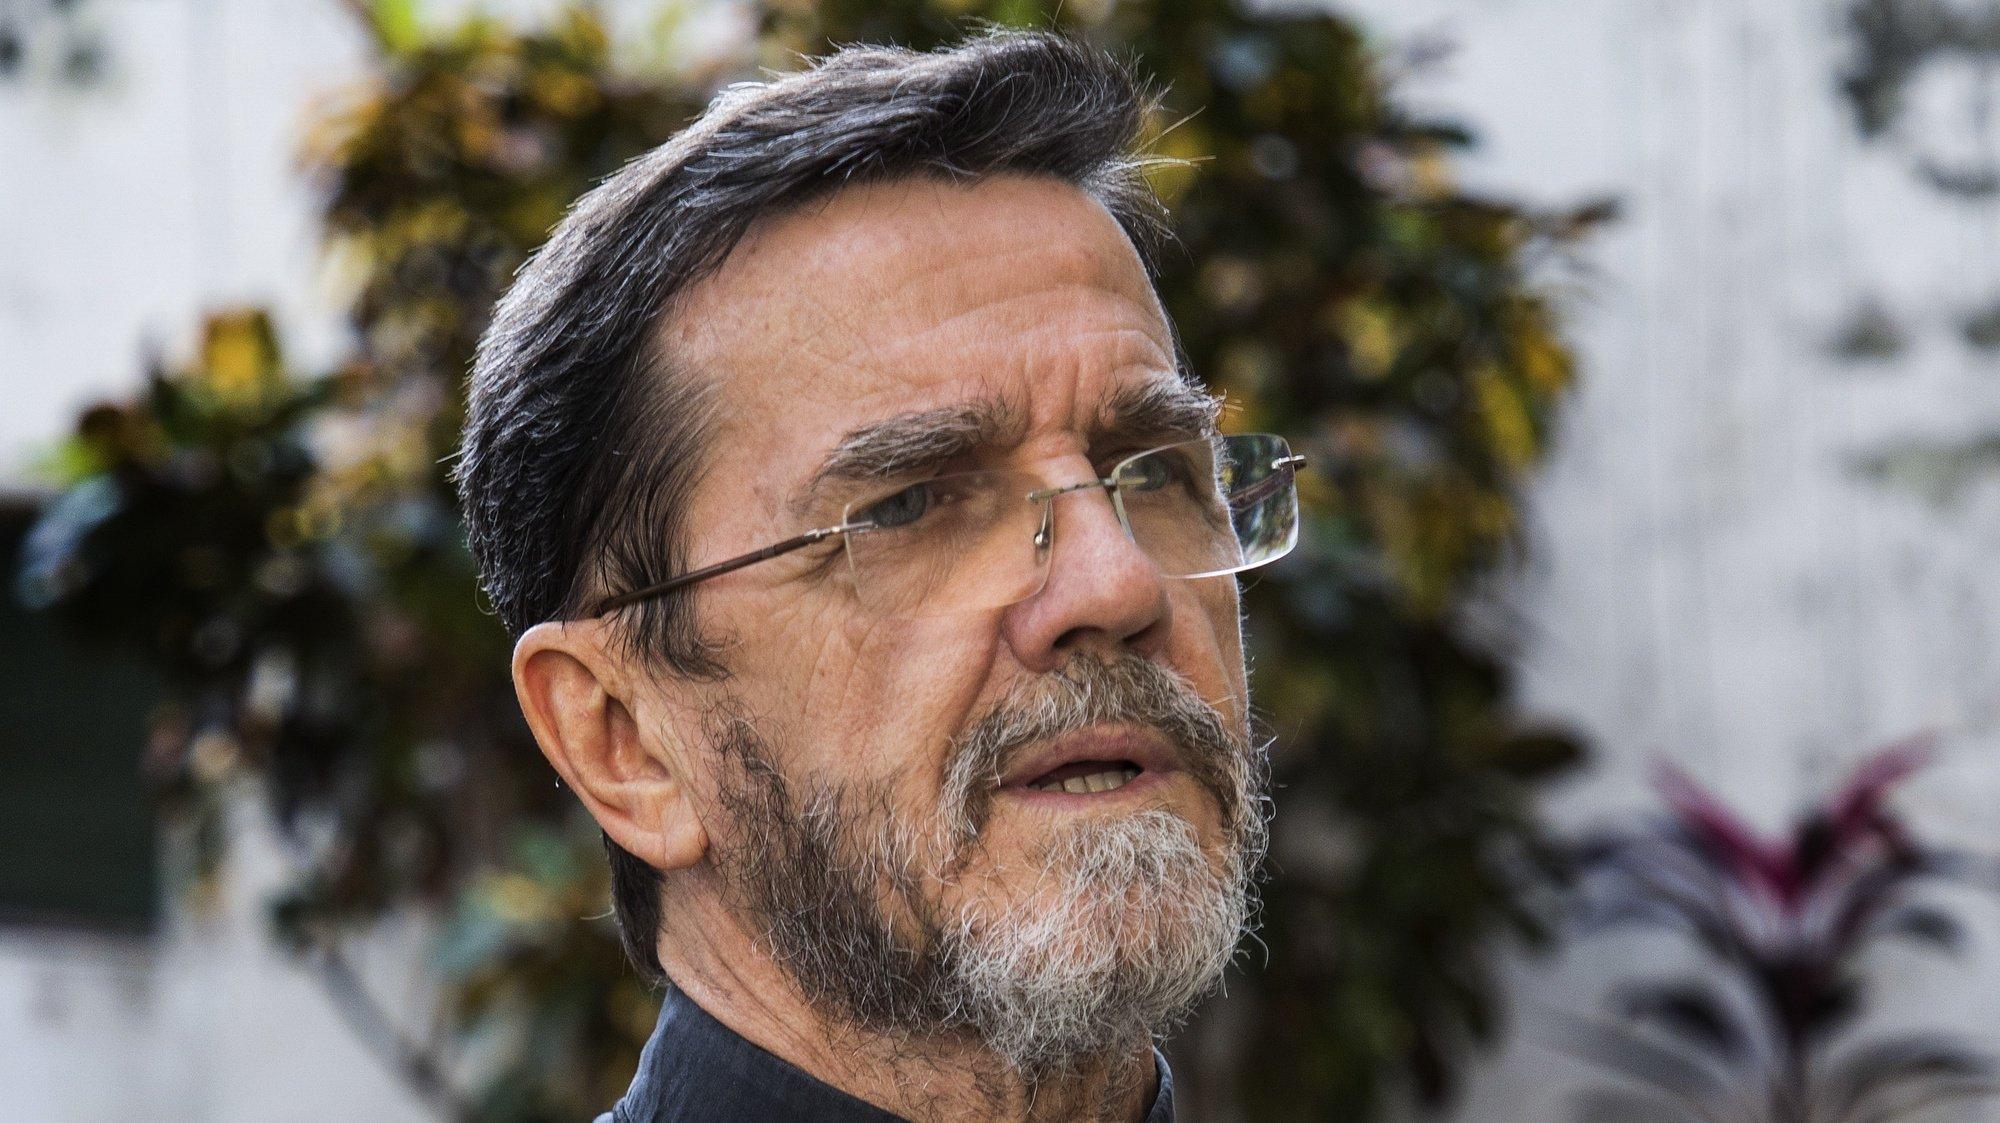 """O bispo de Pemba, Luíz Fernando Lisboa, disse hoje que o mundo ainda não tem ideia do que está a acontecer em Cabo Delgado, norte de Moçambique, onde ataques armados estão a provocar uma crise humanitária que afeta mais de 700.000 pessoas, Pemba, Cabo Delgado, Moçambique, 20 de julho de 2020. """"Não temos ainda a solidariedade que deveria haver"""", disse, apesar de considerar que a situação melhorou nos últimos três meses - em especial, sublinhou, depois de o papa Francisco ter feito referência à situação de Cabo Delgado na missa de domingo de Páscoa. RICARDO FRANCO/LUSA"""